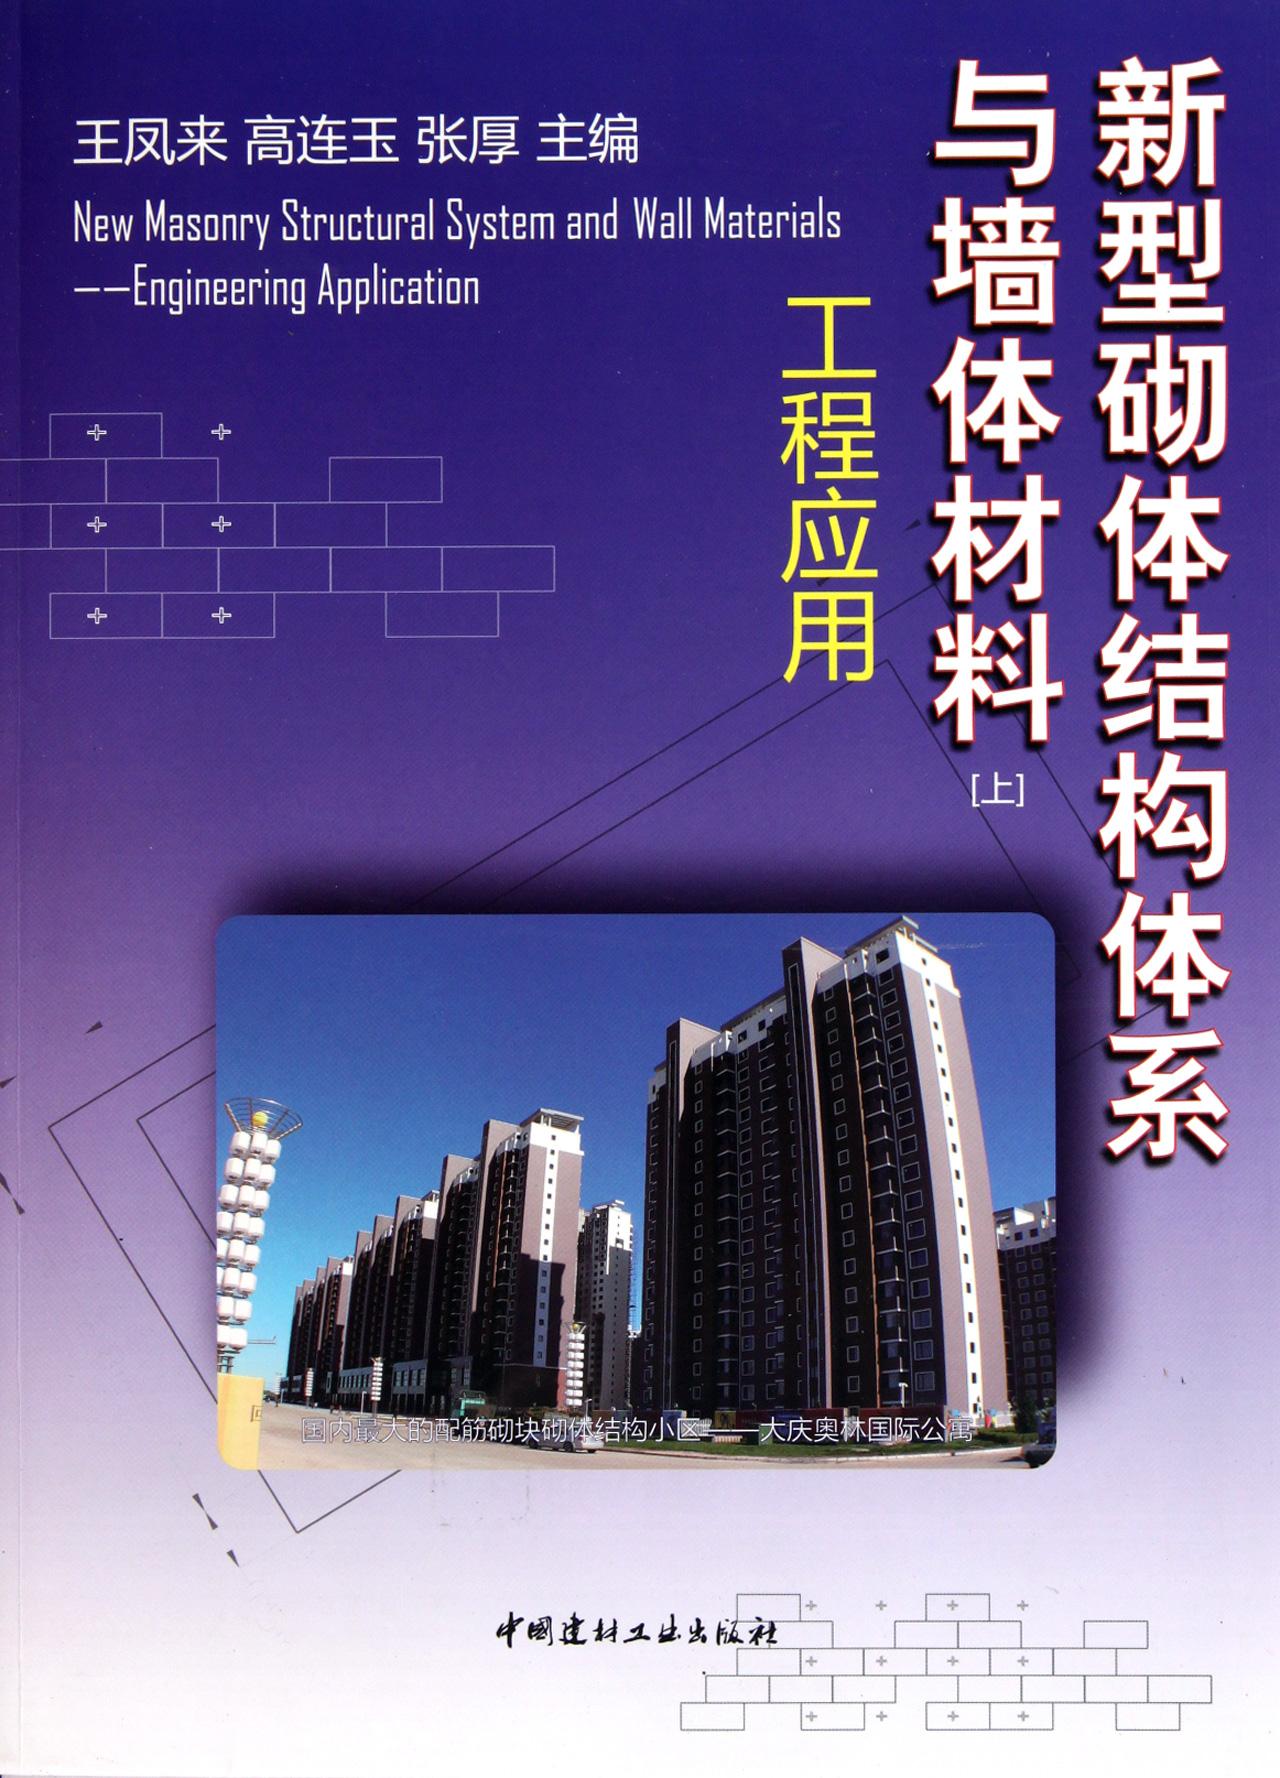 新型砌体结构体系与墙体材料(上工程应用)